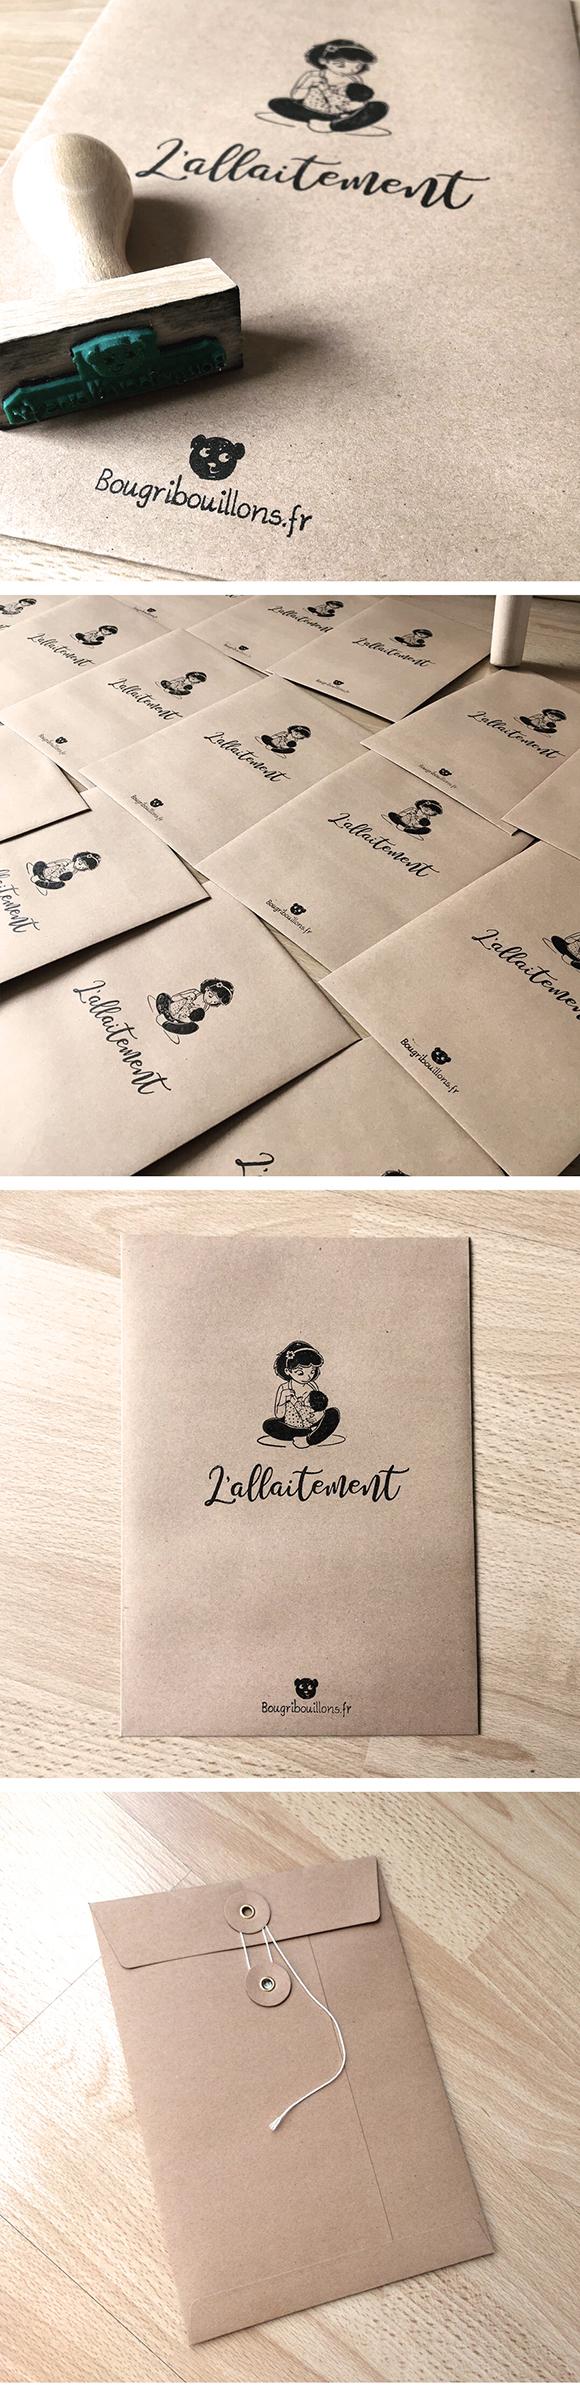 Enveloppe cartes A5 sur l'allaitement - Bougribouillons